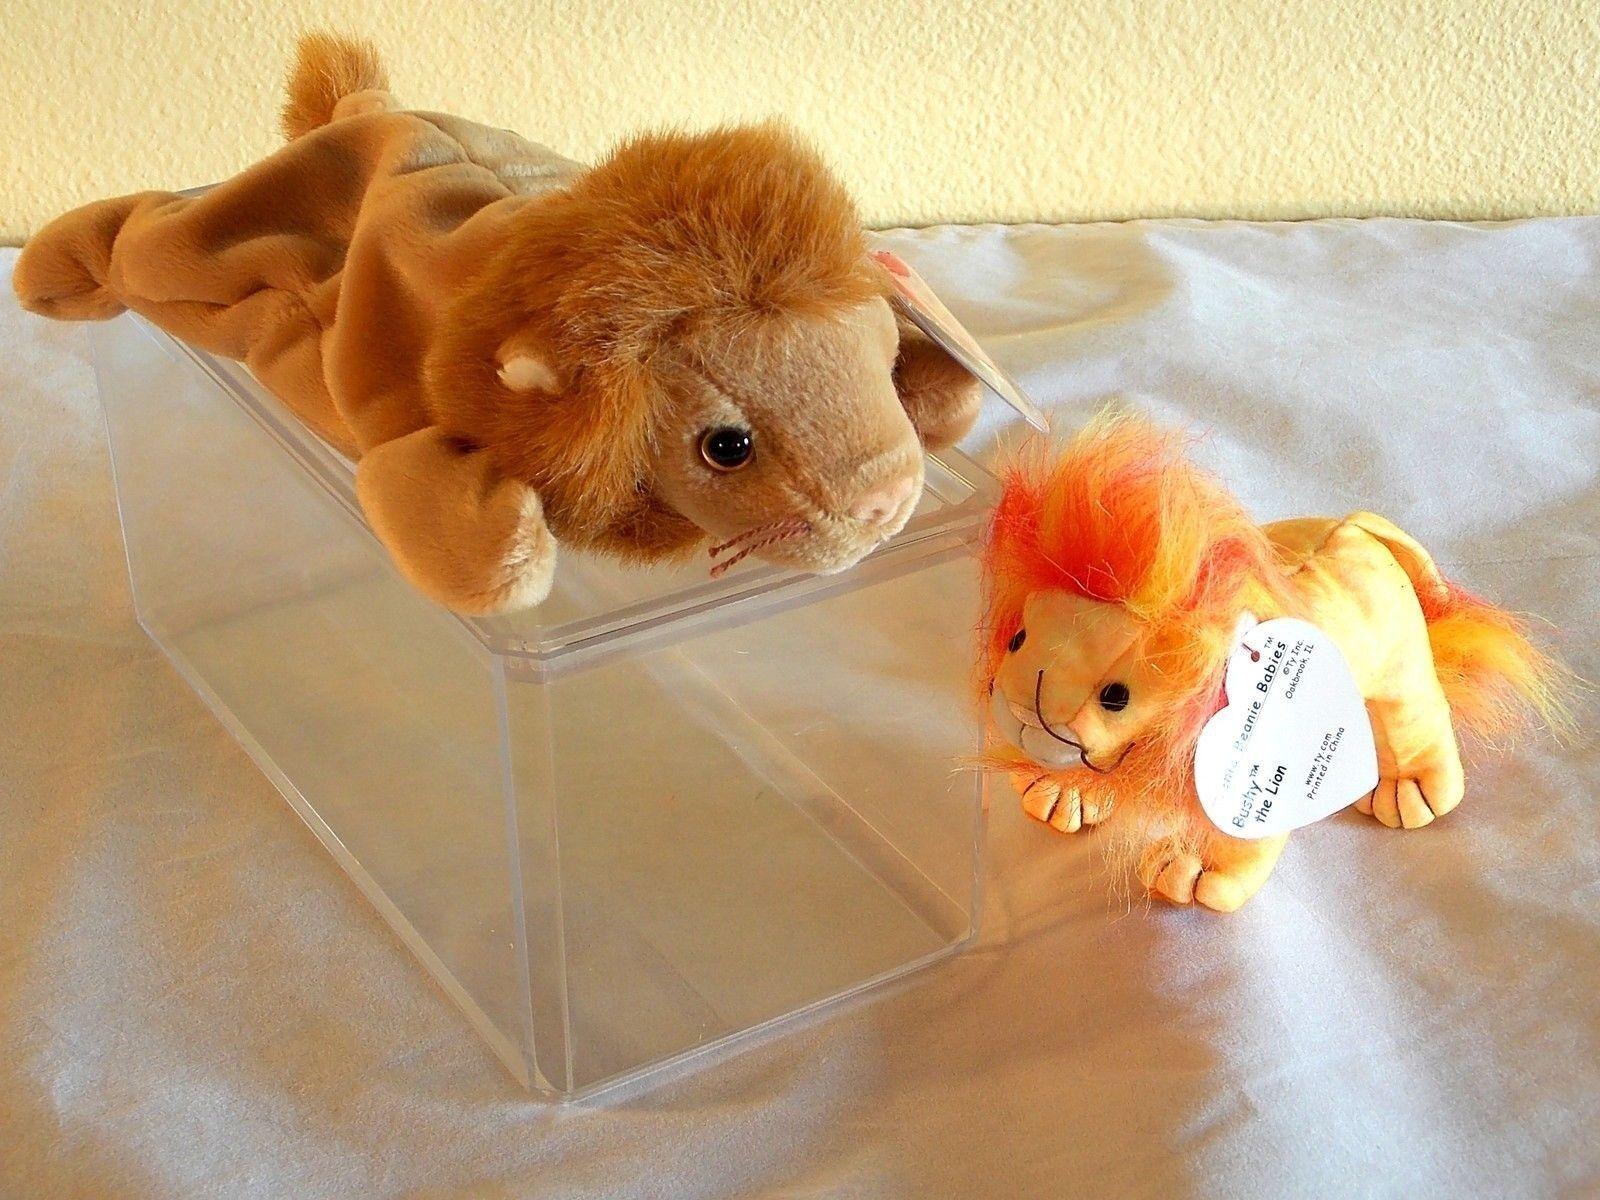 Roary Lion Ty Ty Ty Beanie Baby 6th Gen MWMT Bushy Mint Acrylic Case Swing Tush Lot 922764